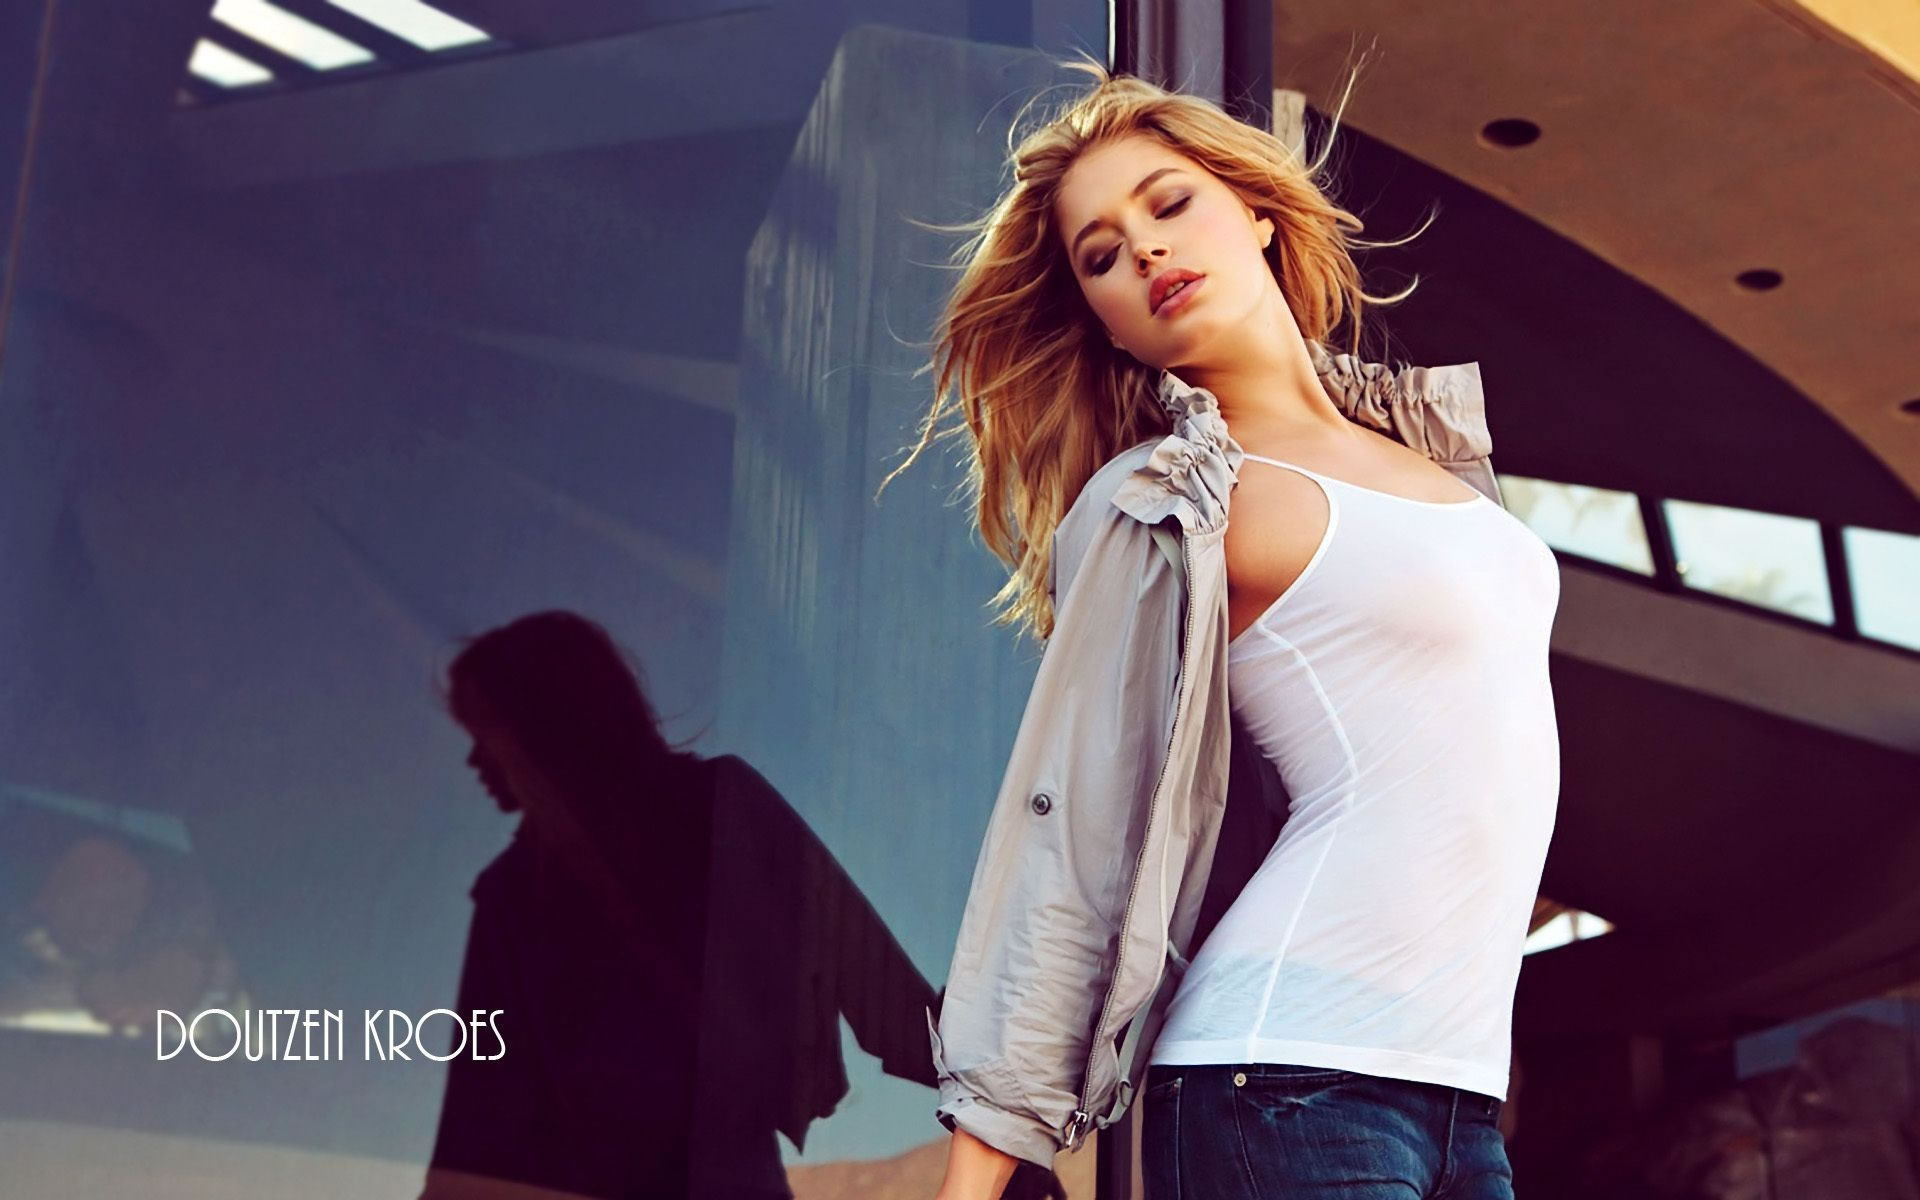 Wallpapers de Top Models